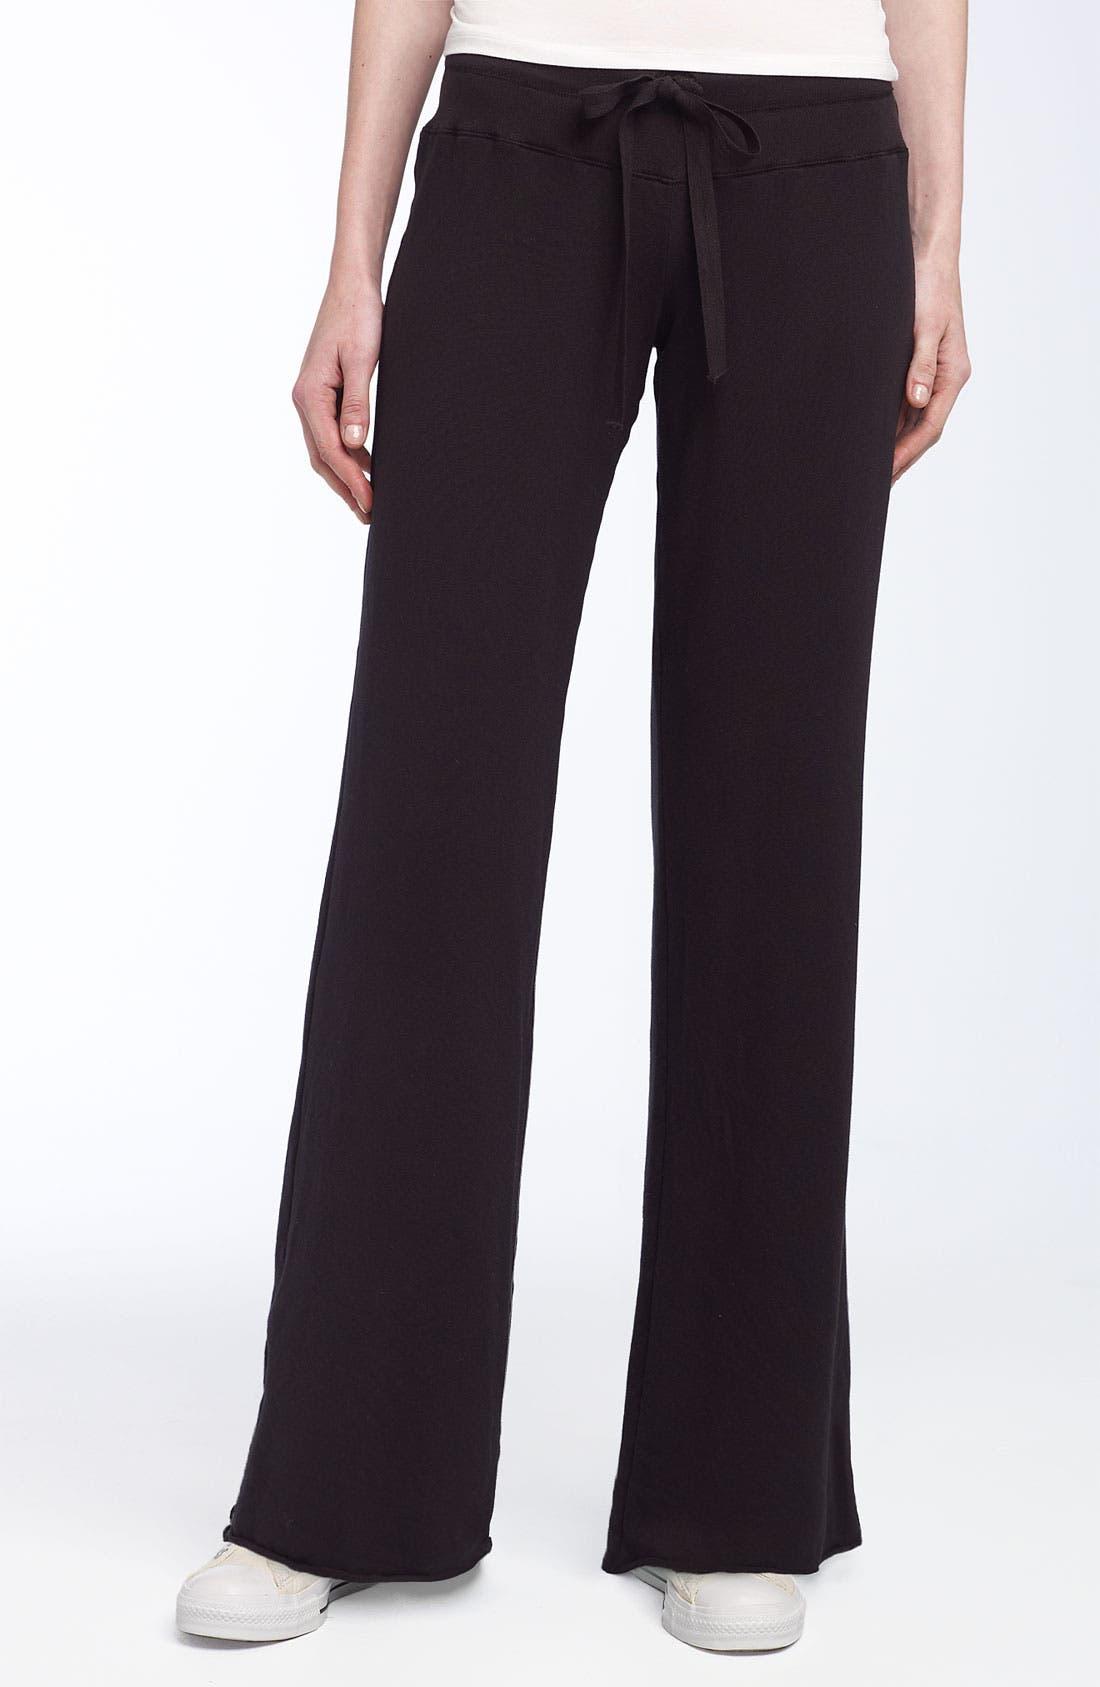 Fleece Lined Pants,                             Main thumbnail 1, color,                             001